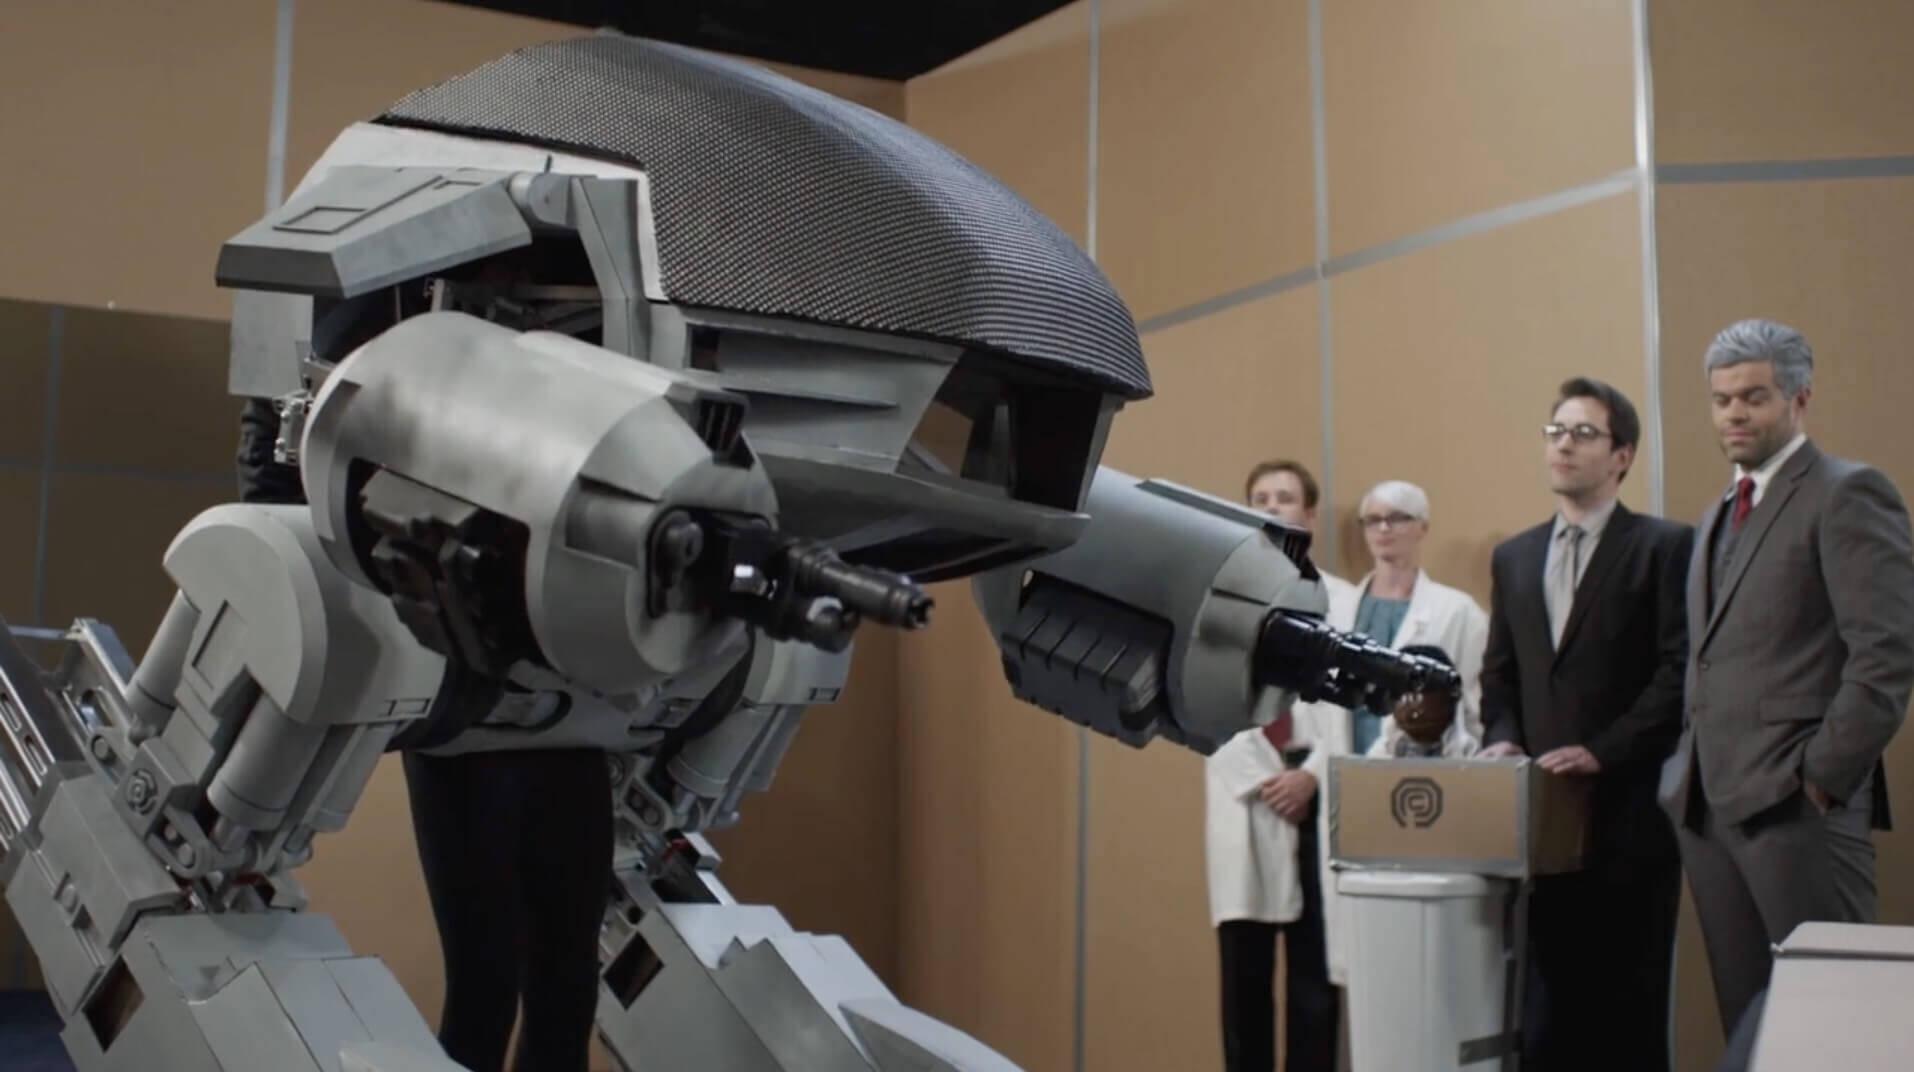 クオリティがめちゃくちゃなロボコップのファンムービー:Our RoboCop Remake